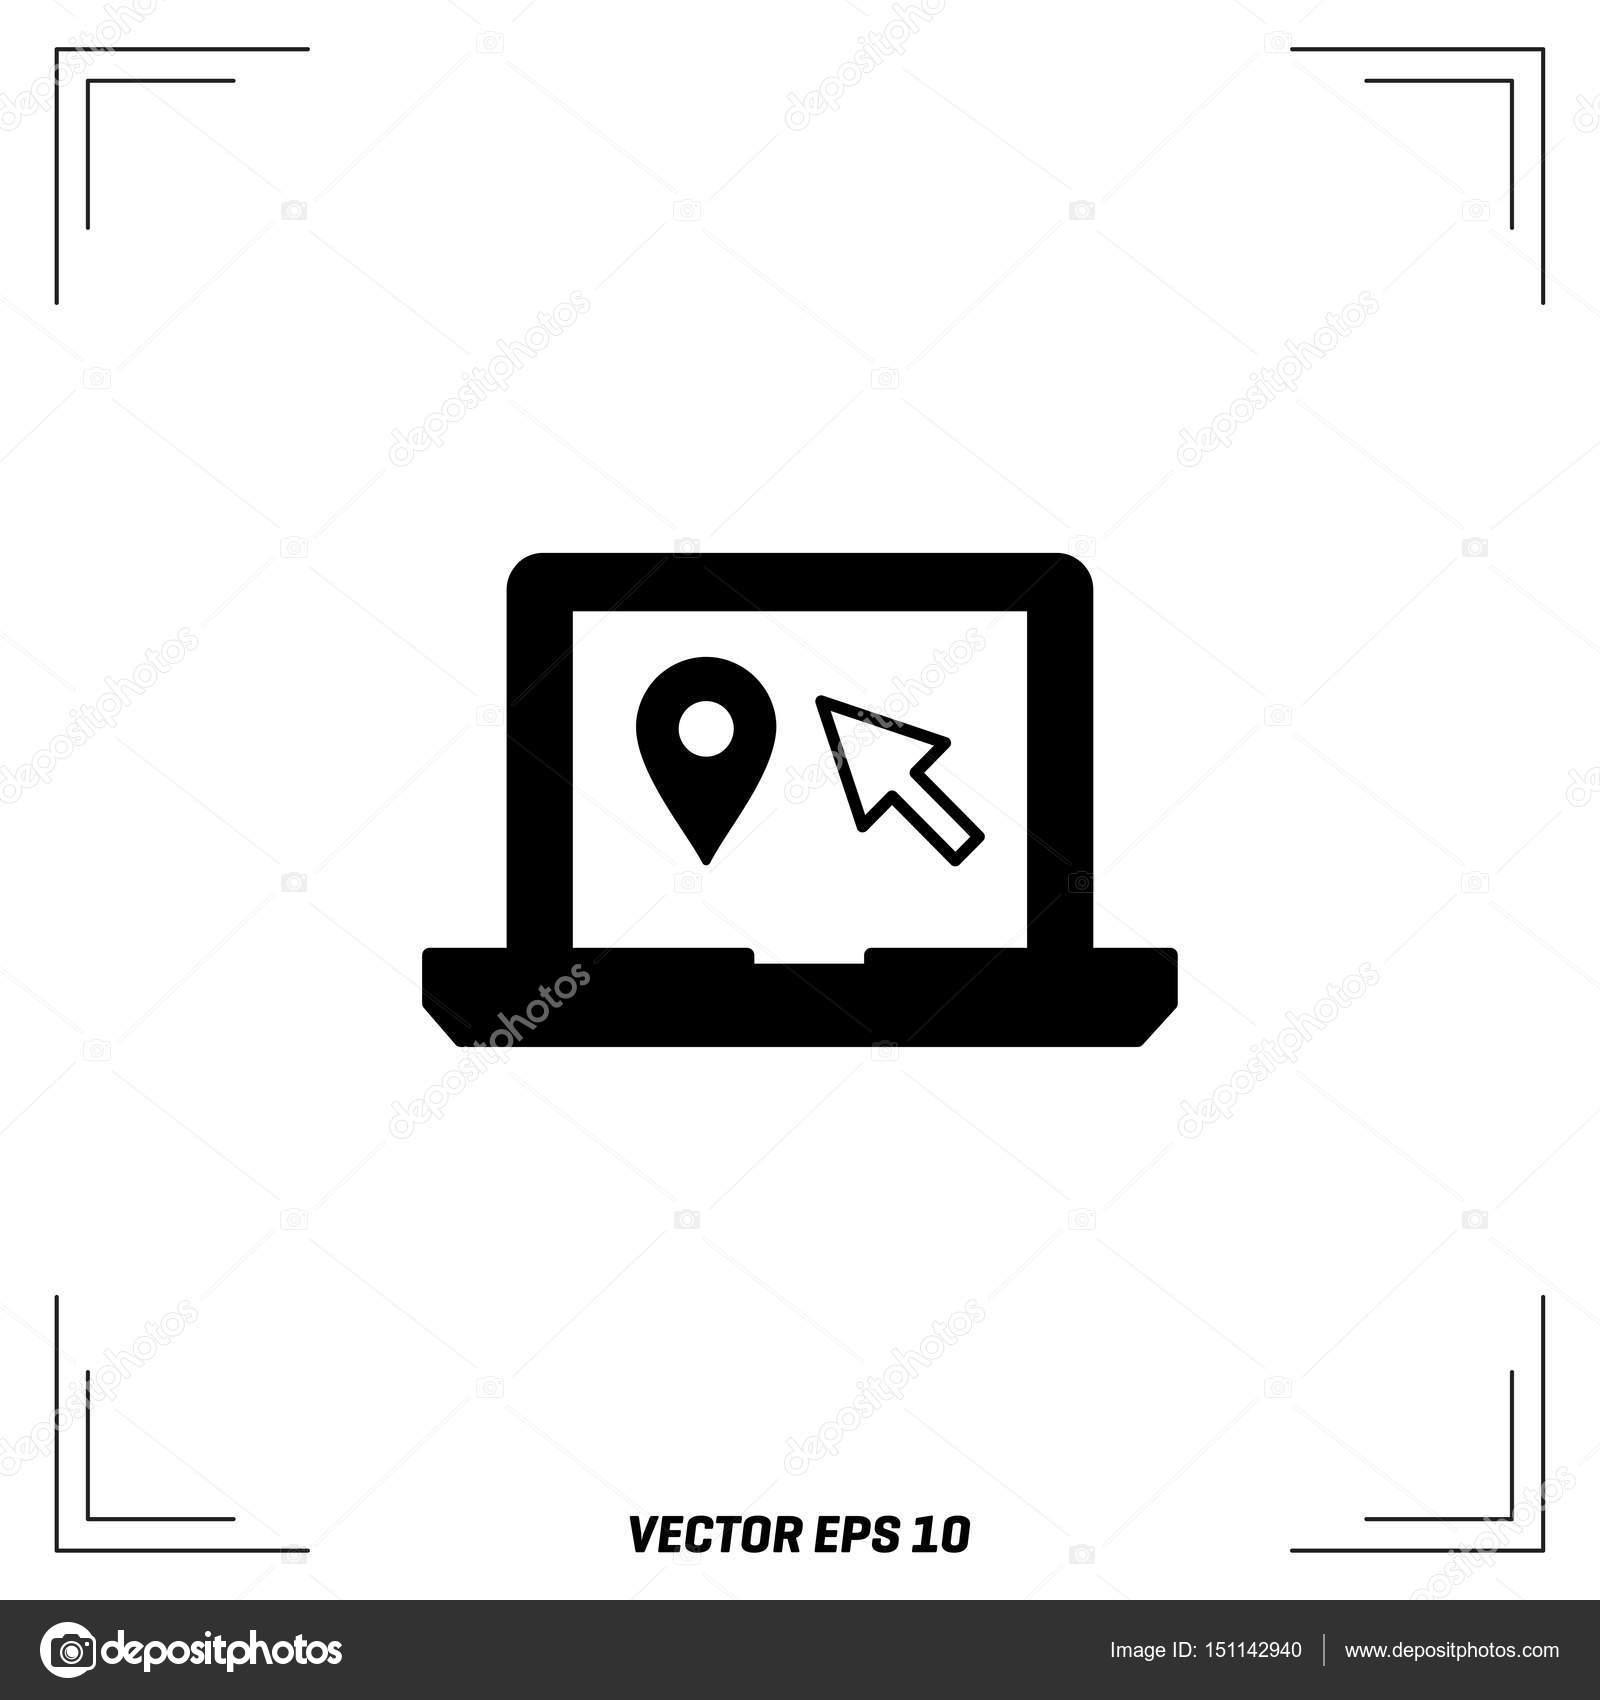 приложение на ноутбук скачать бесплатно - фото 6